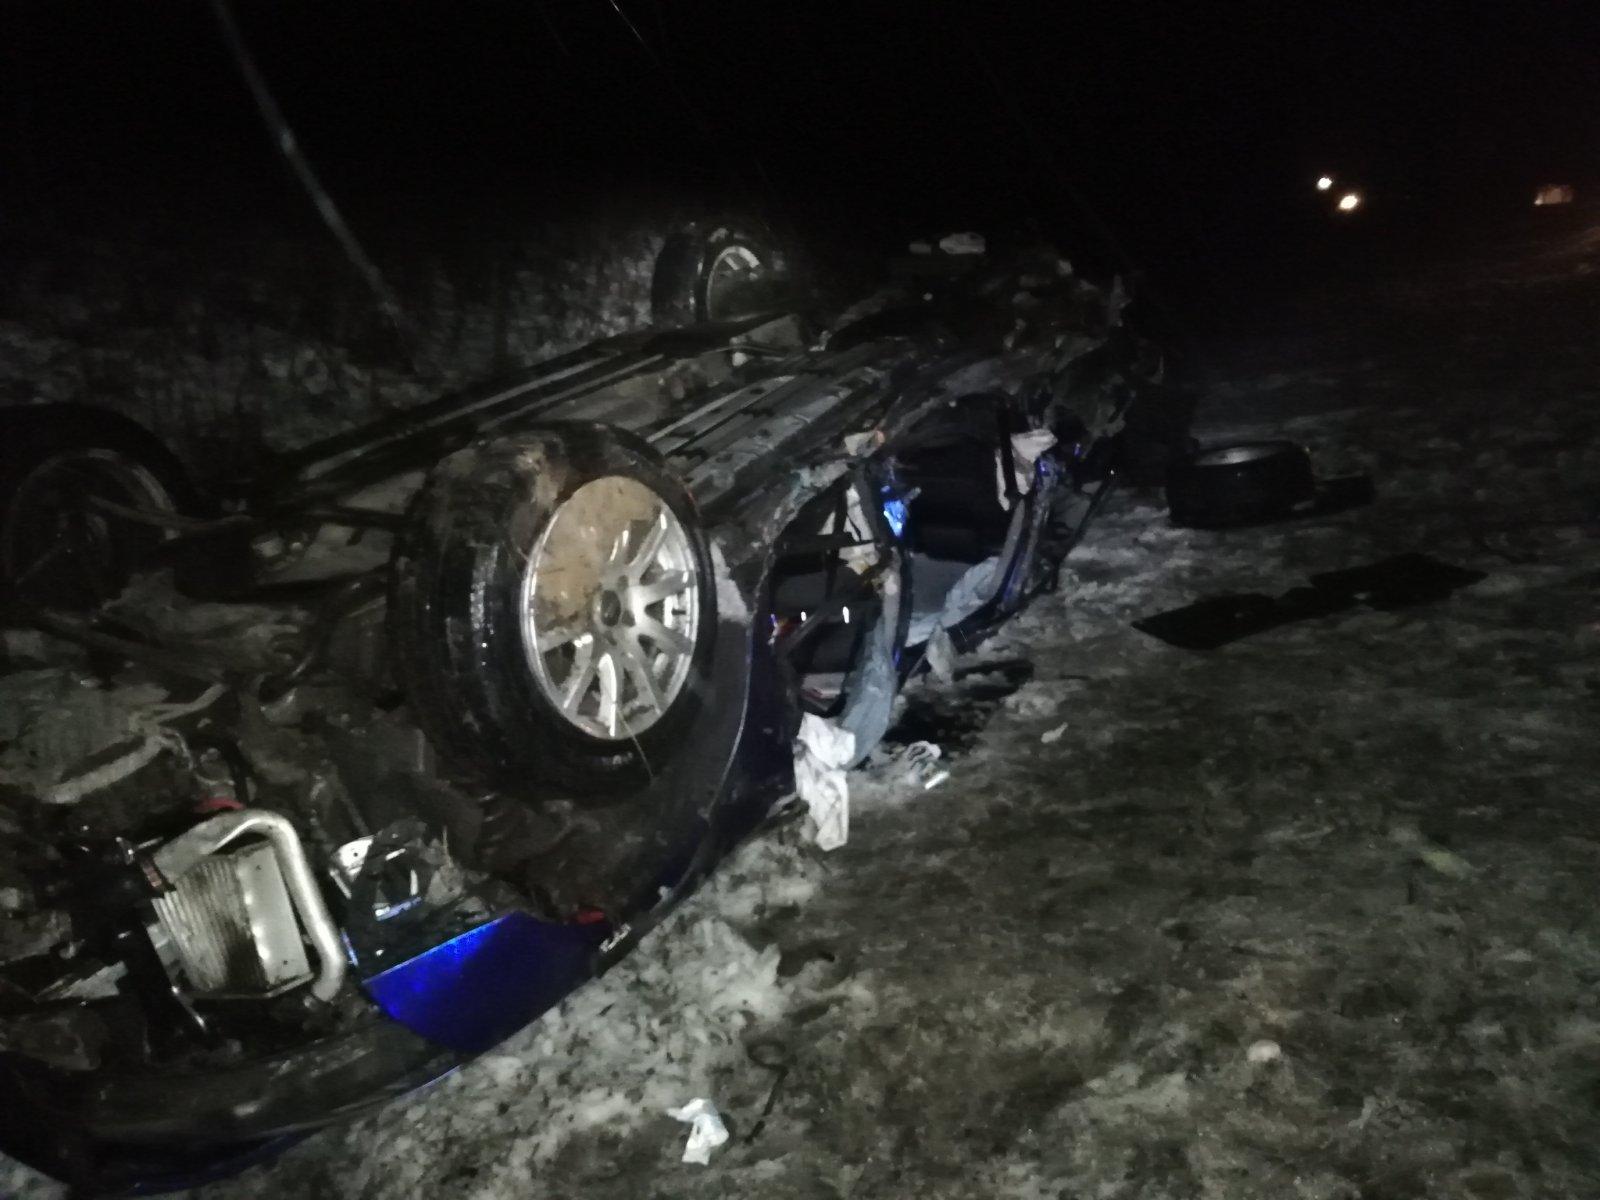 Пять человек получили травмы из-за выезда навстречку «Ауди» вВологодском районе